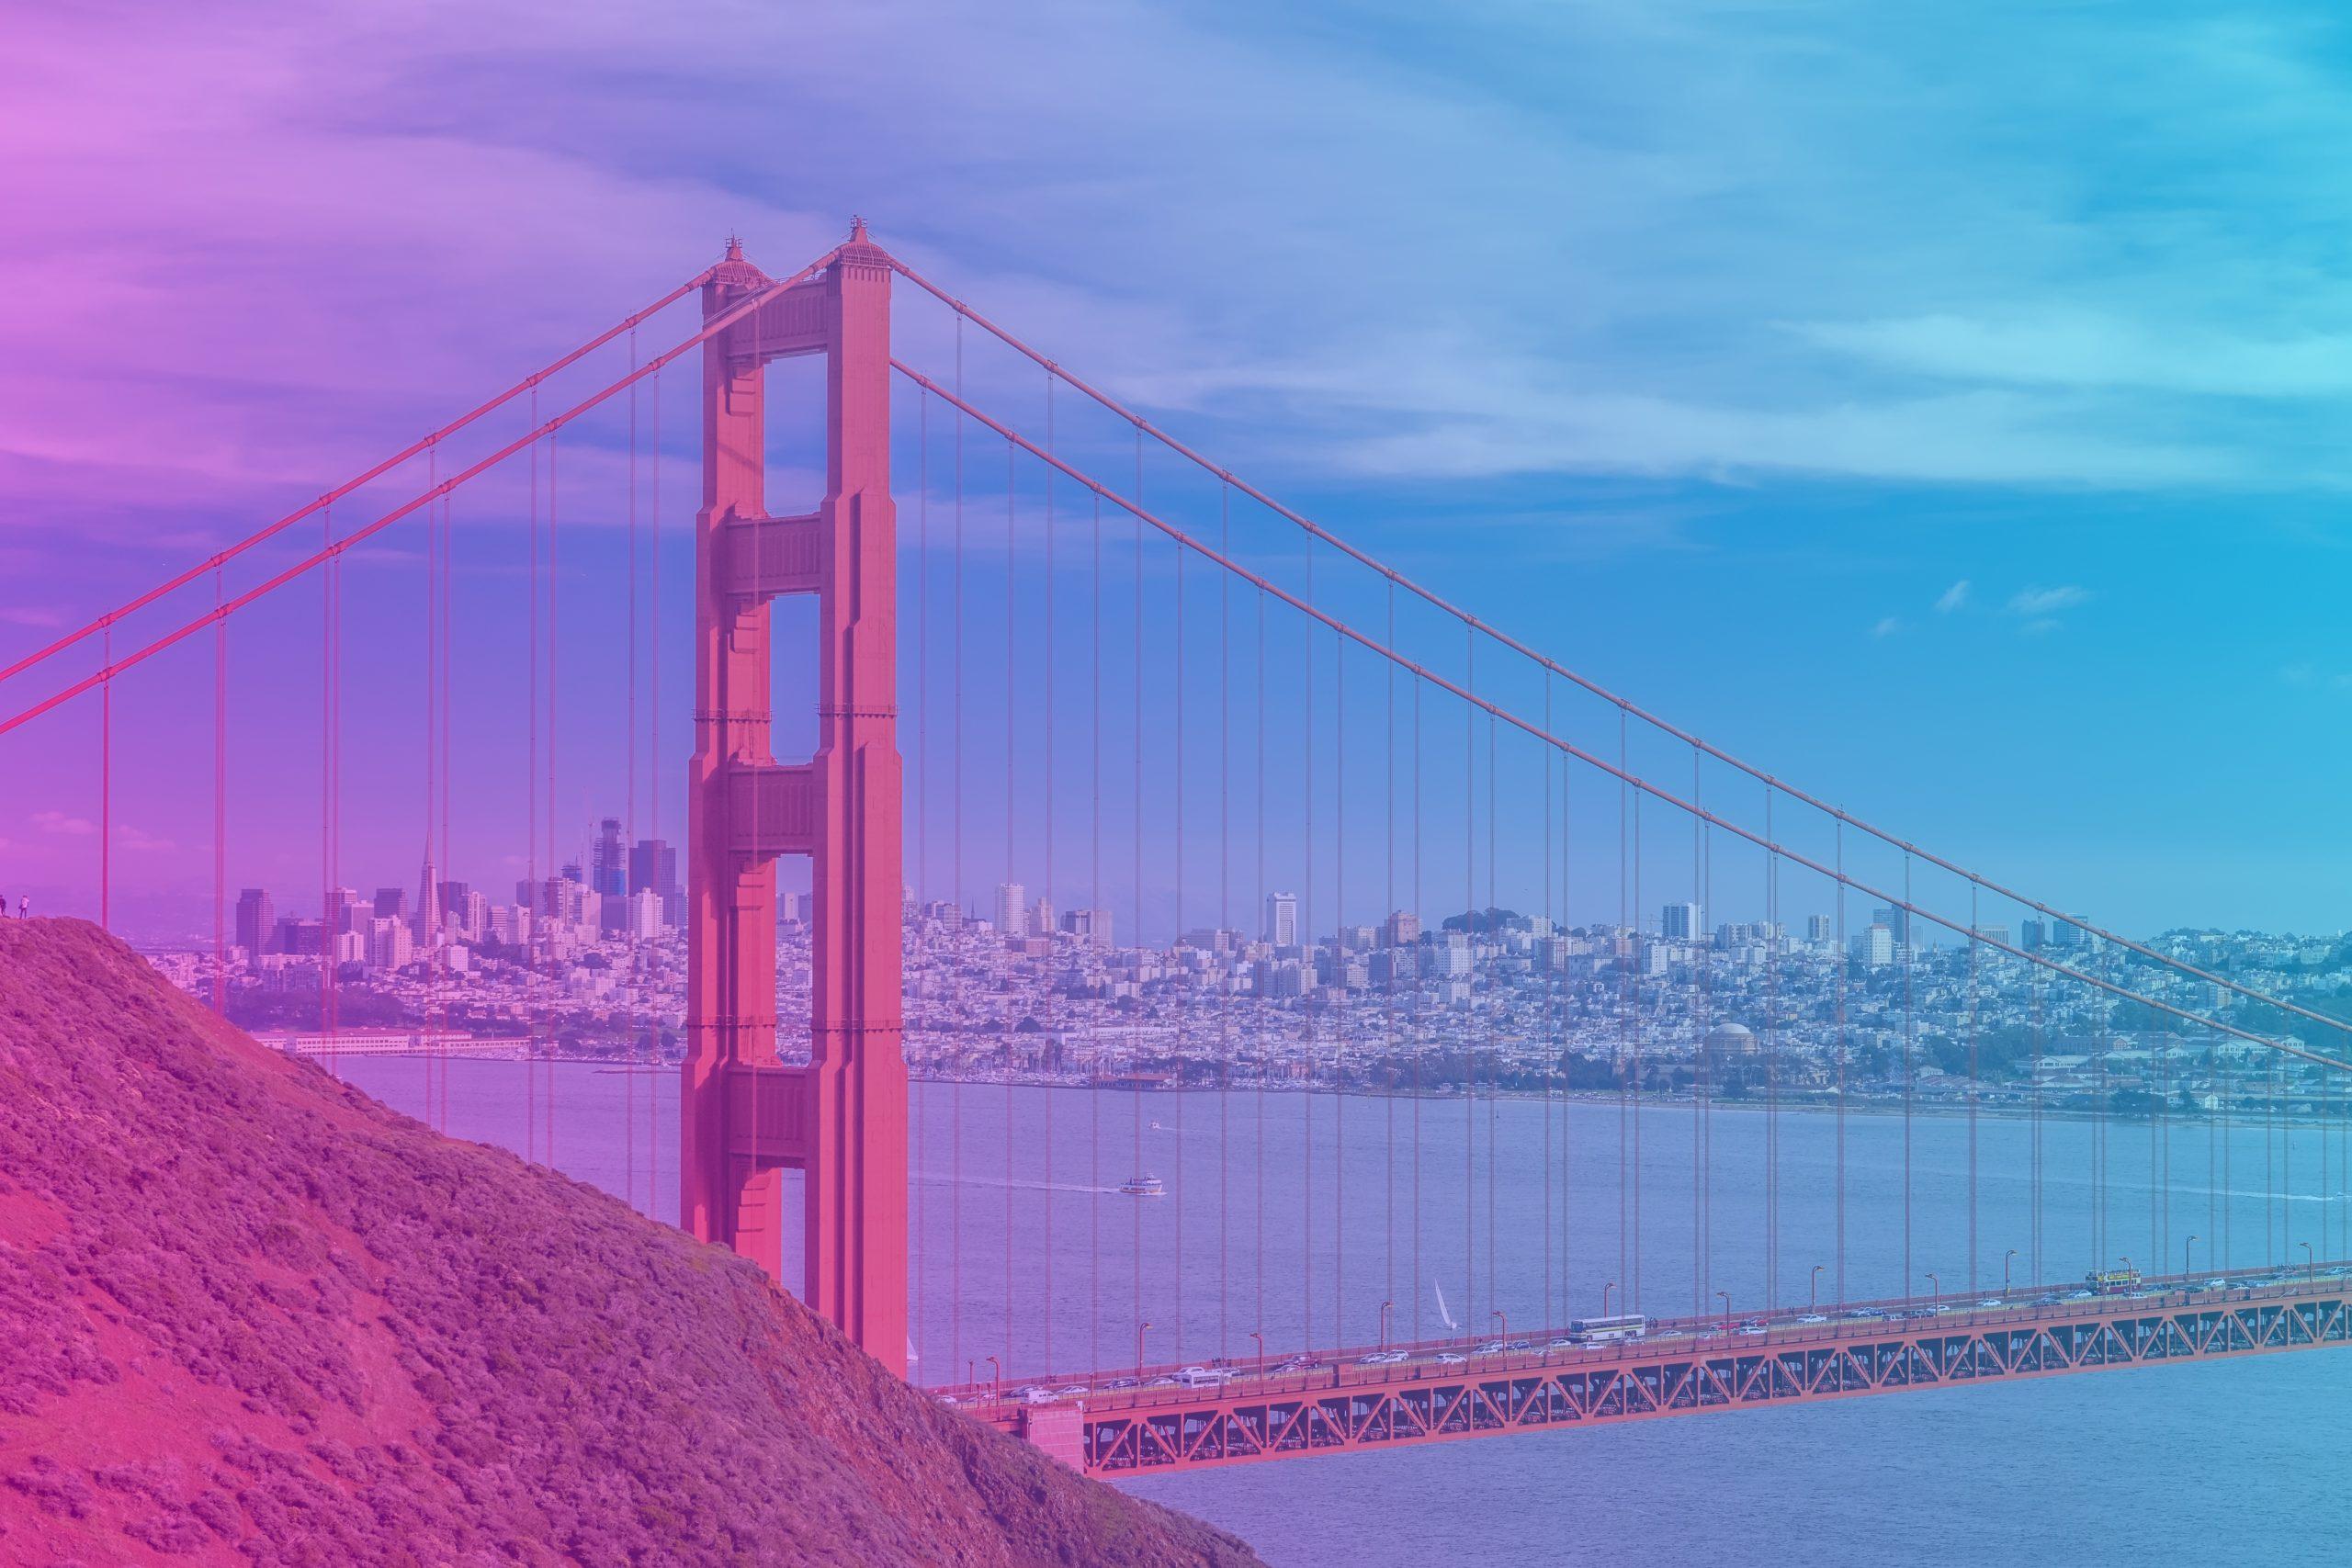 golden-gate-bridge-san-francisco-